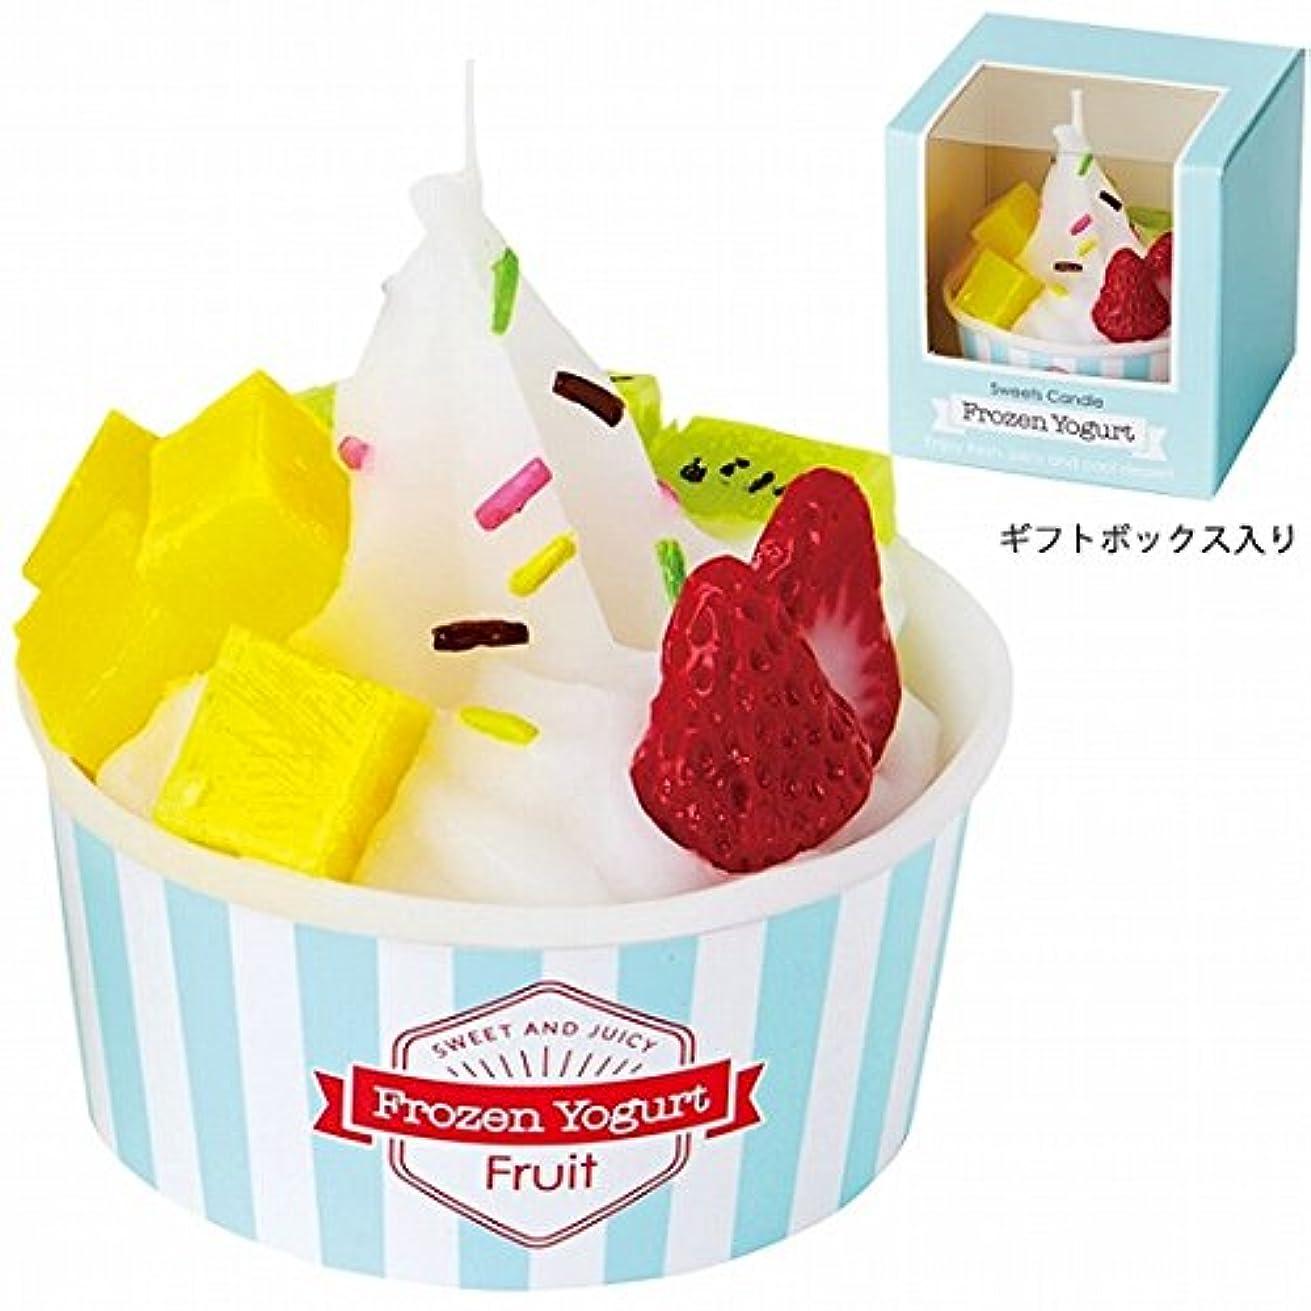 哲学並外れた電化するカメヤマキャンドル(kameyama candle) フローズンヨーグルトキャンドル 「フルーツ」 4個セット